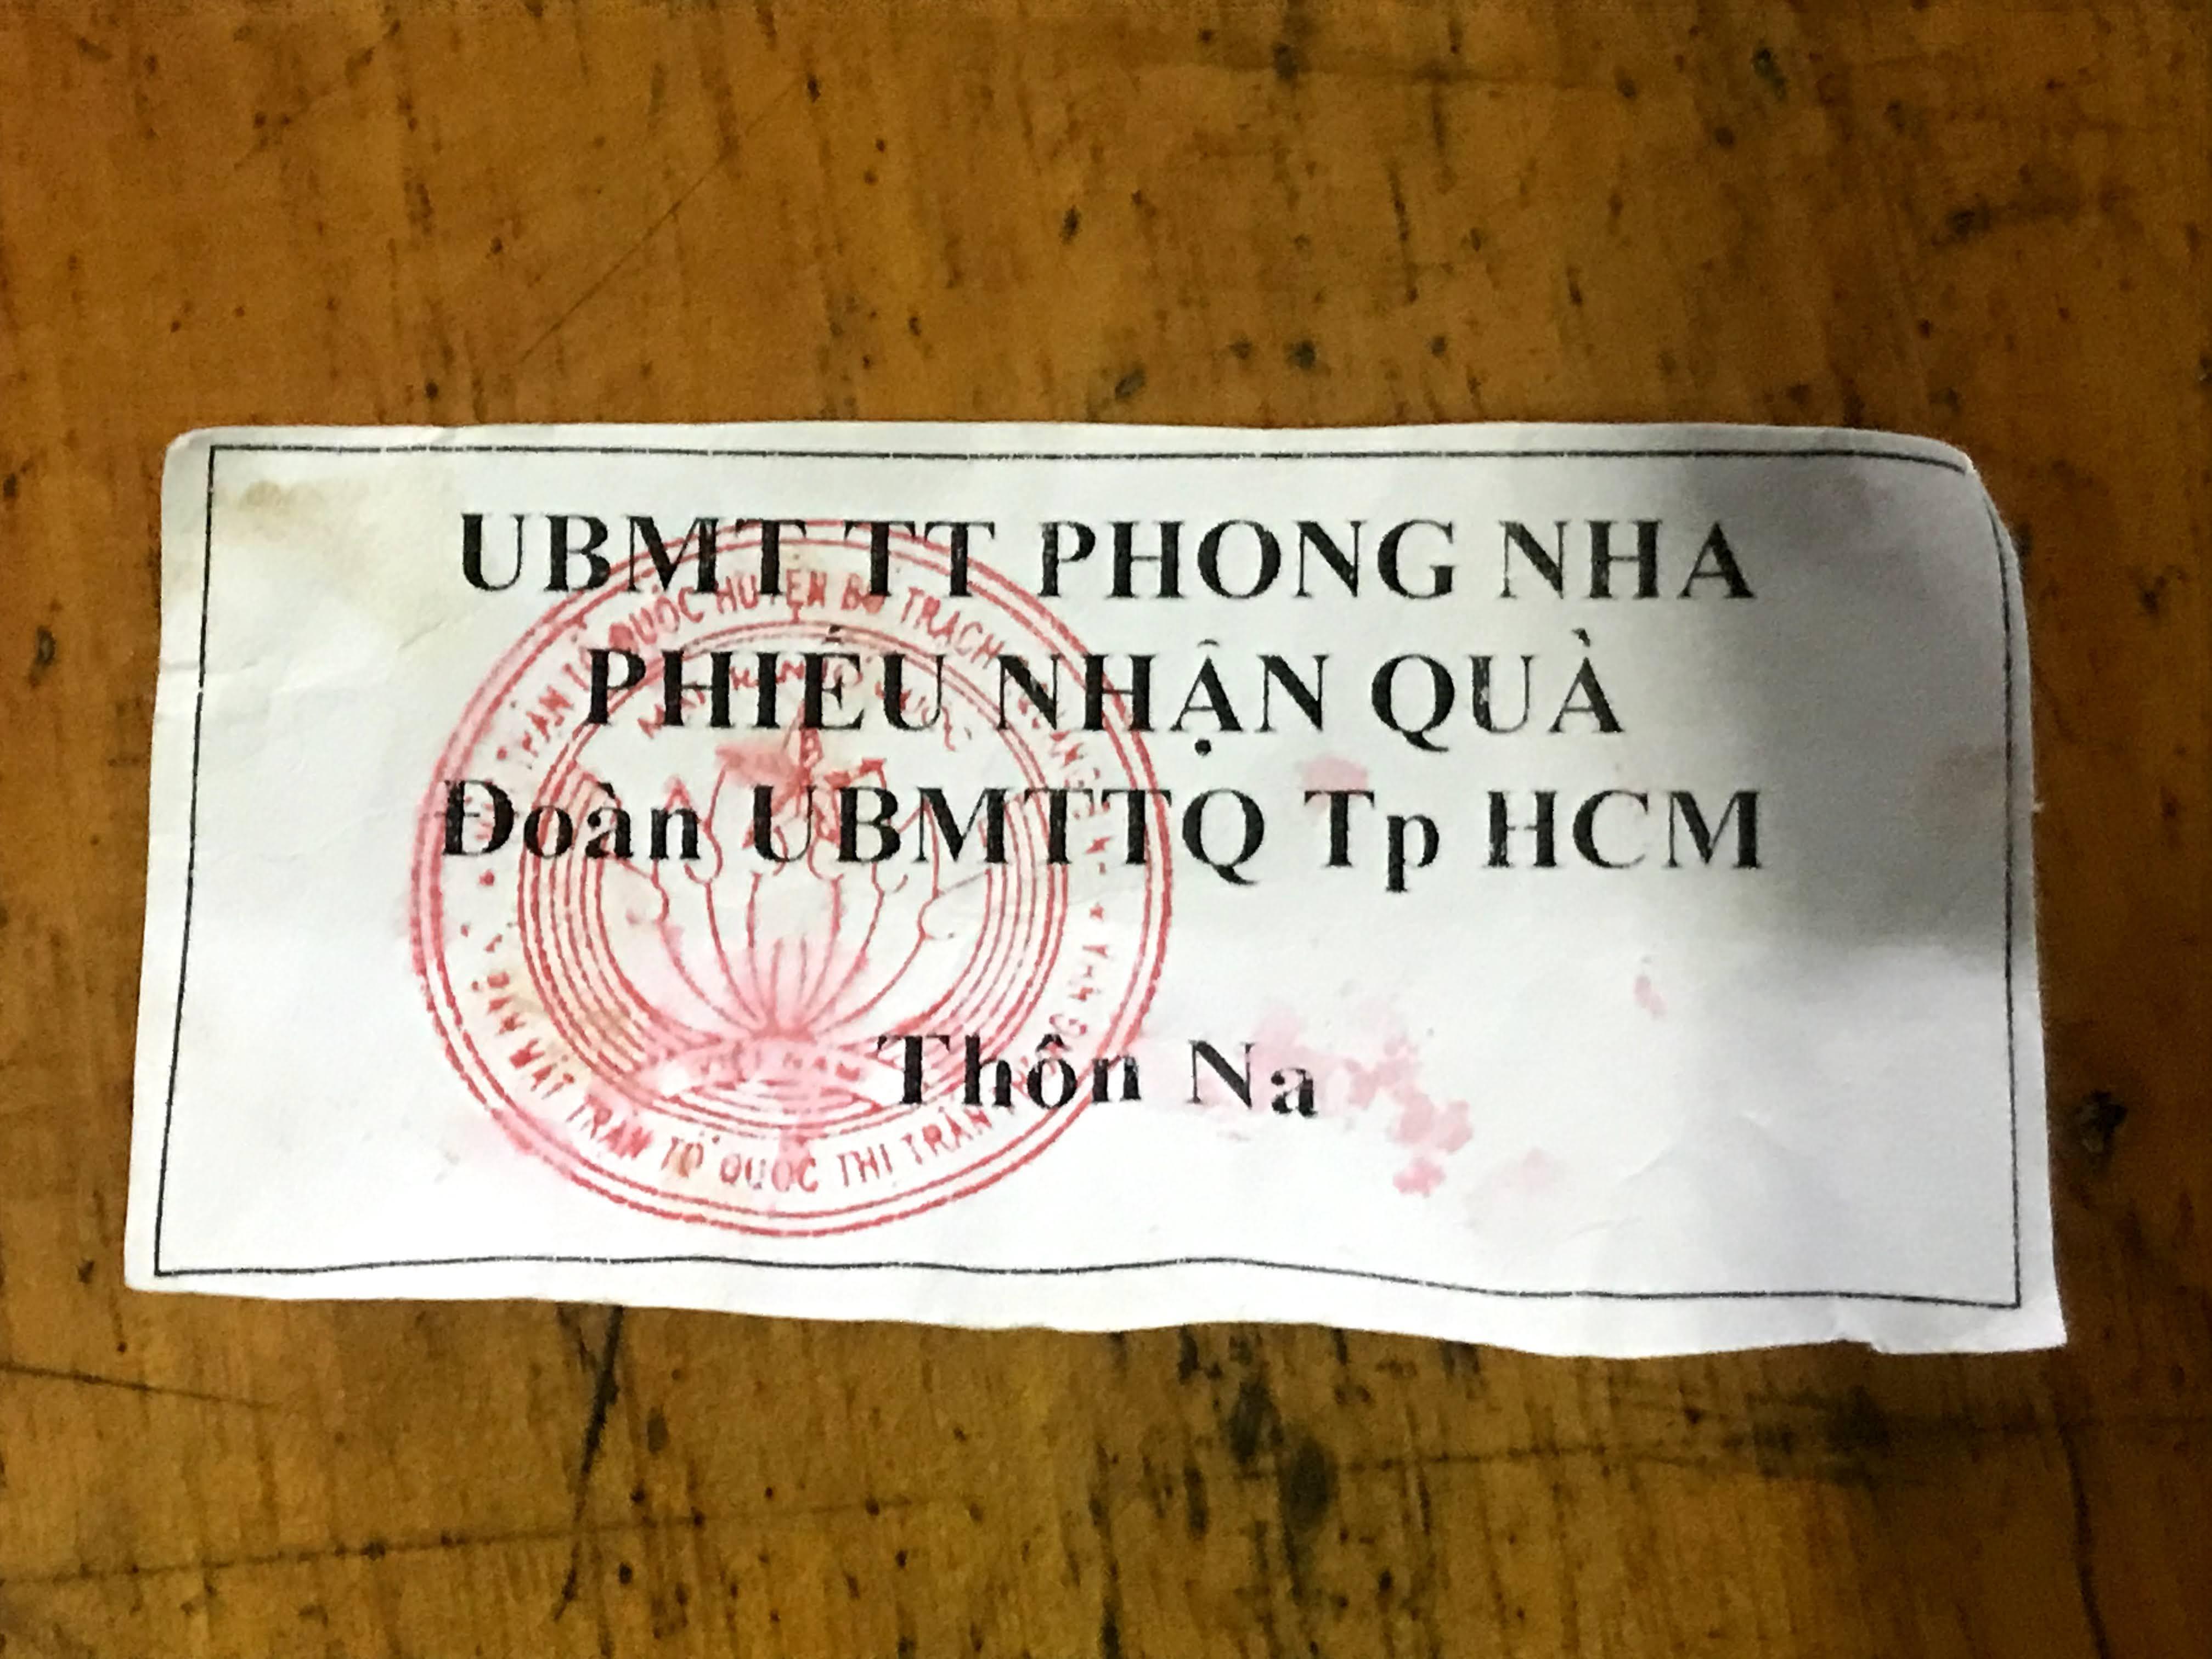 Những phiếu nhận quà cứu trợ của người dân thôn Na.